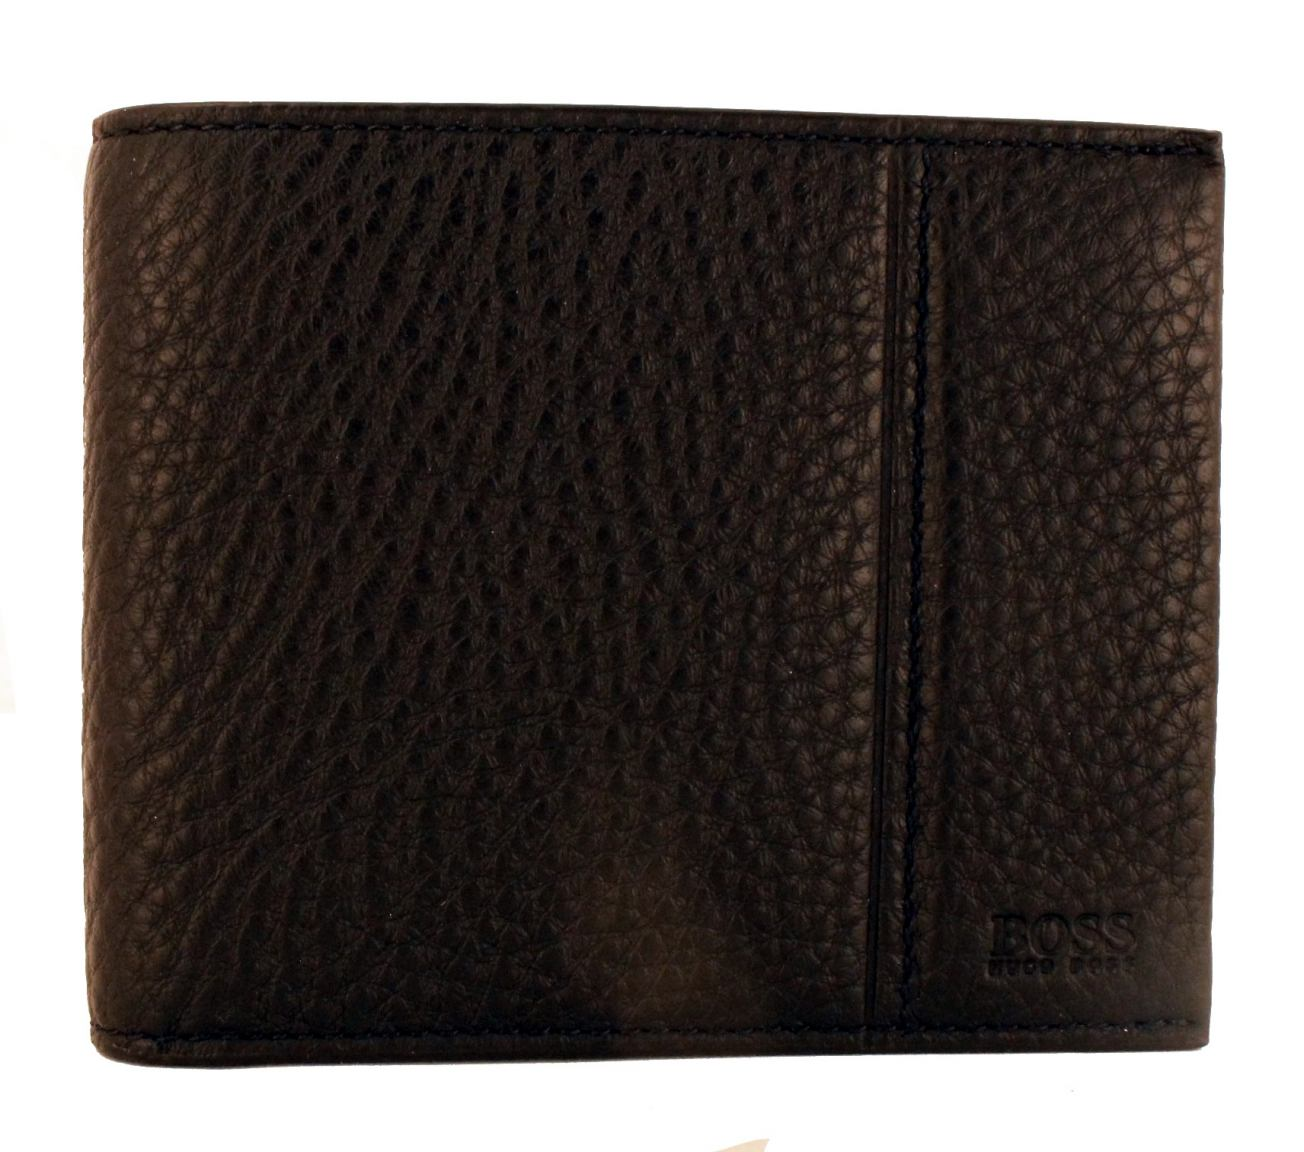 6b5b7145aa478 Hugo Boss Brieftasche Leder Traveller Schwarz - Bags   more